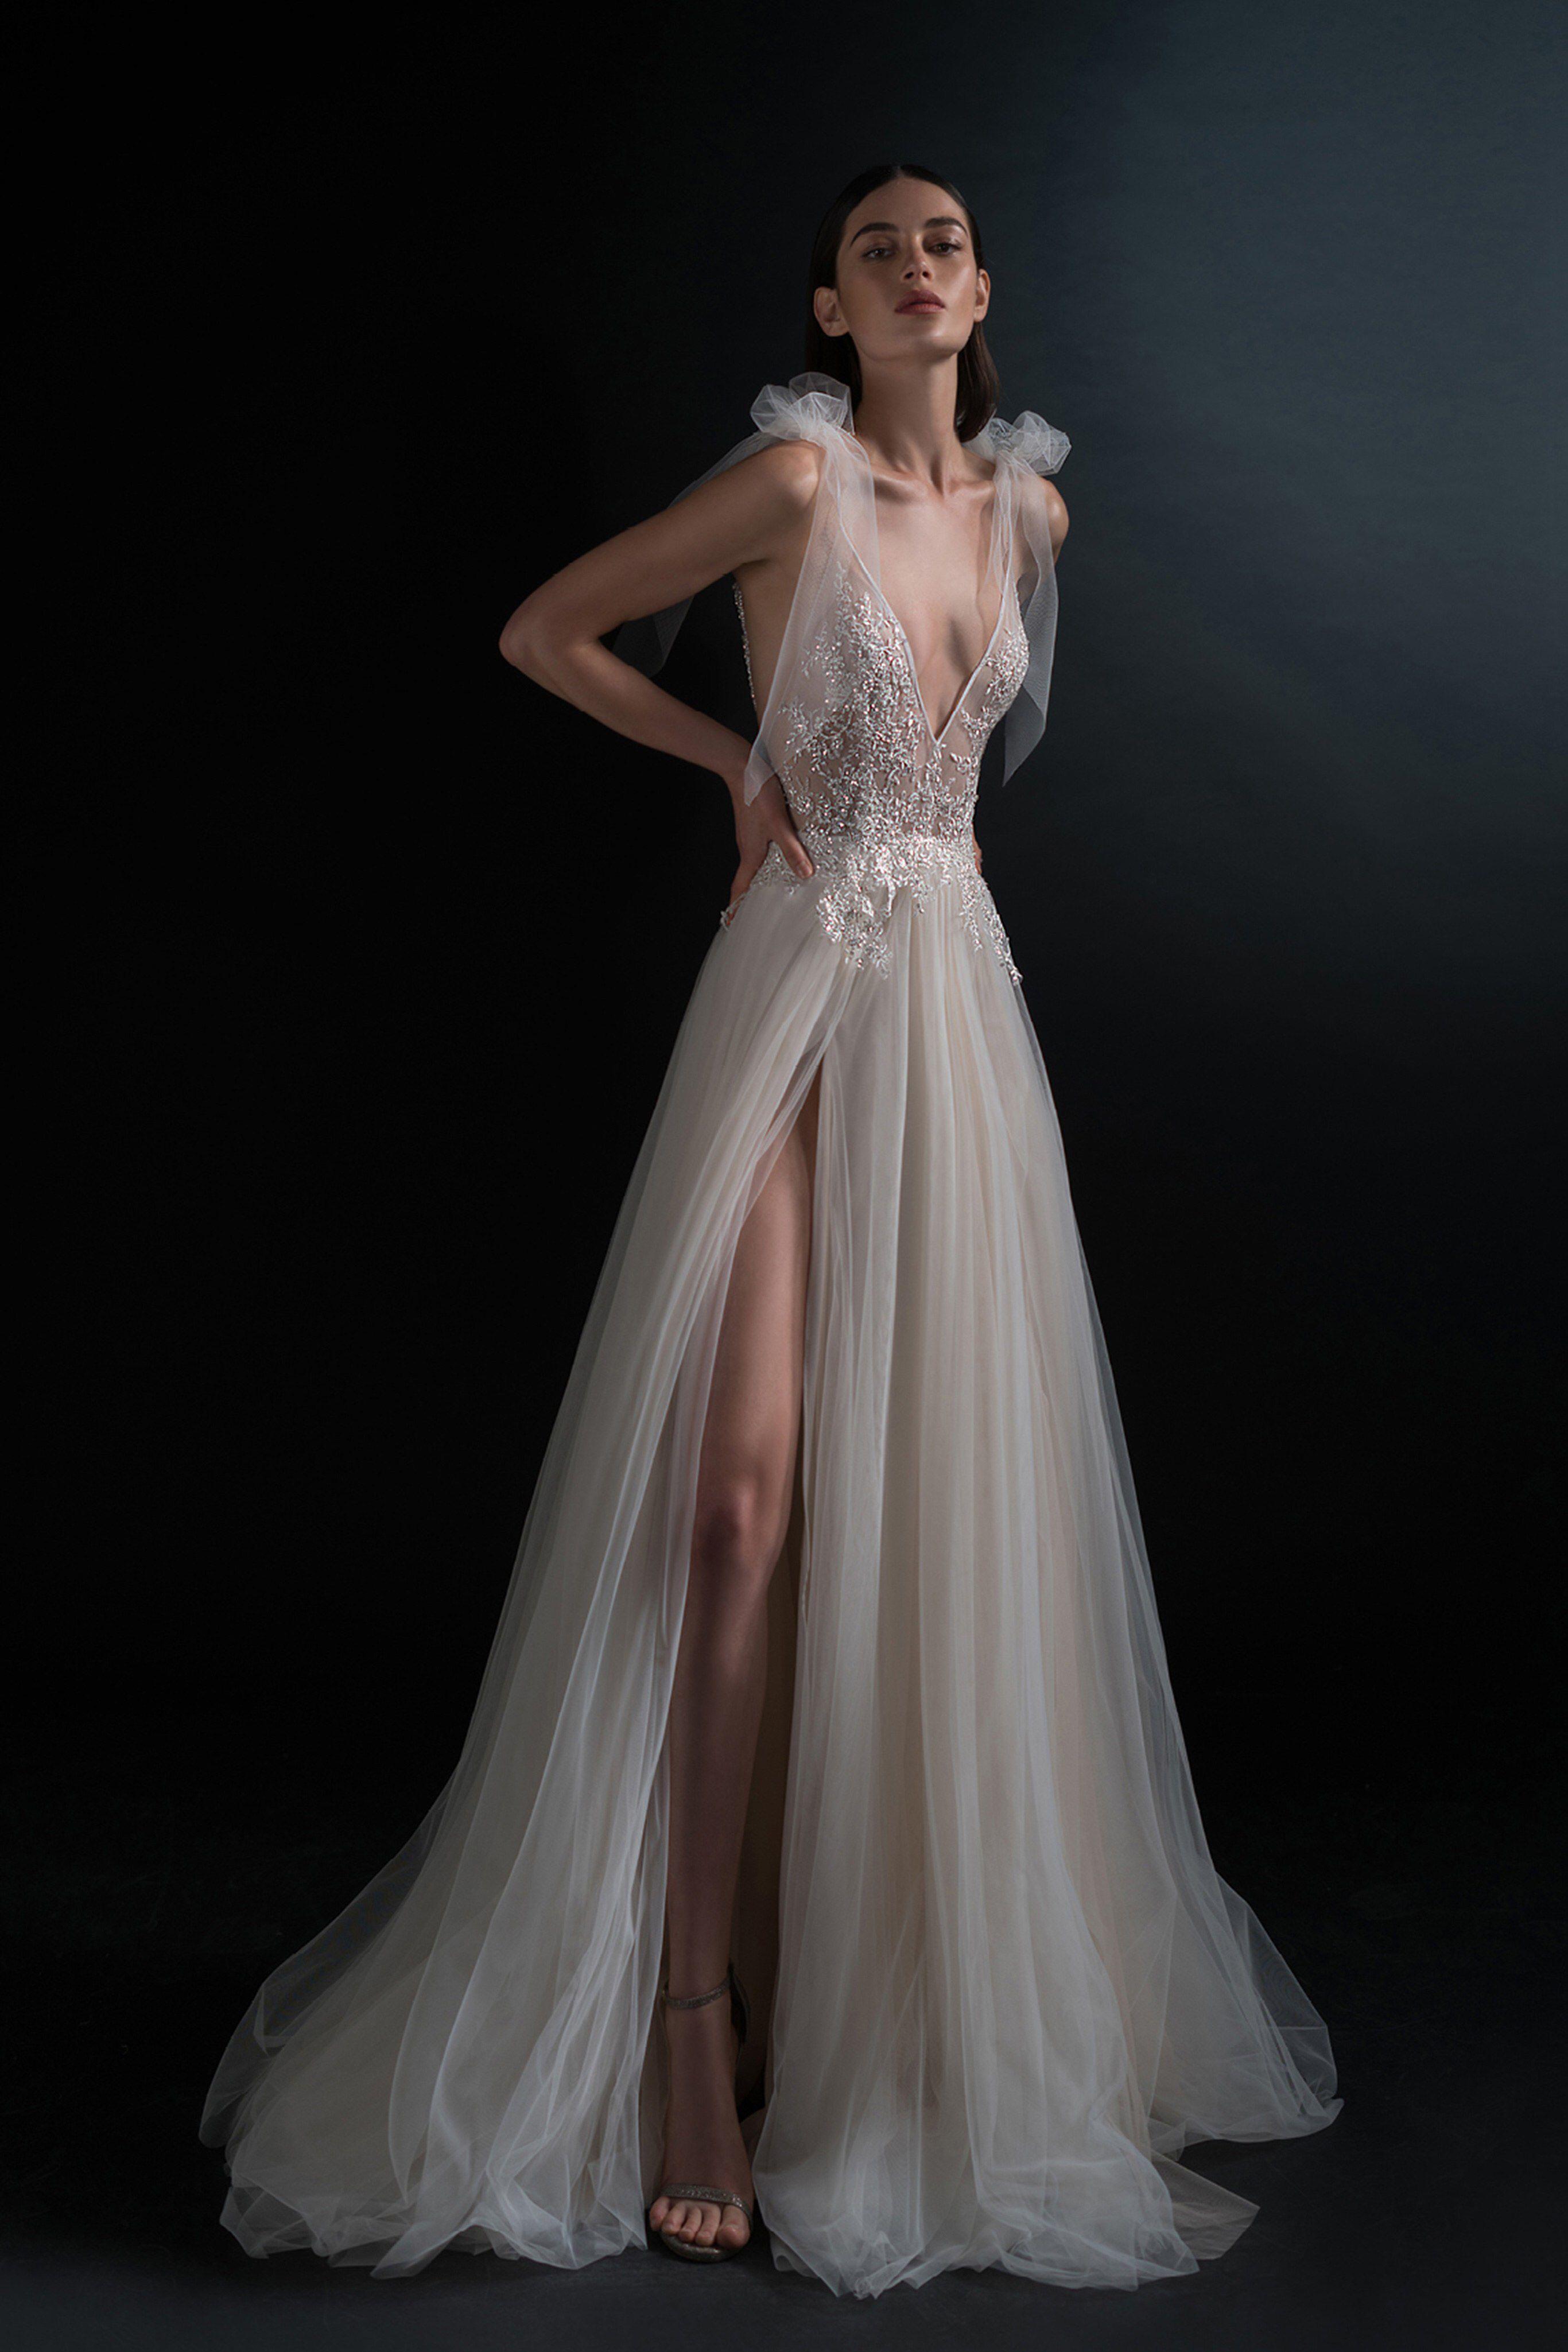 Inbal dror bridal spring fashion show in wedding dress